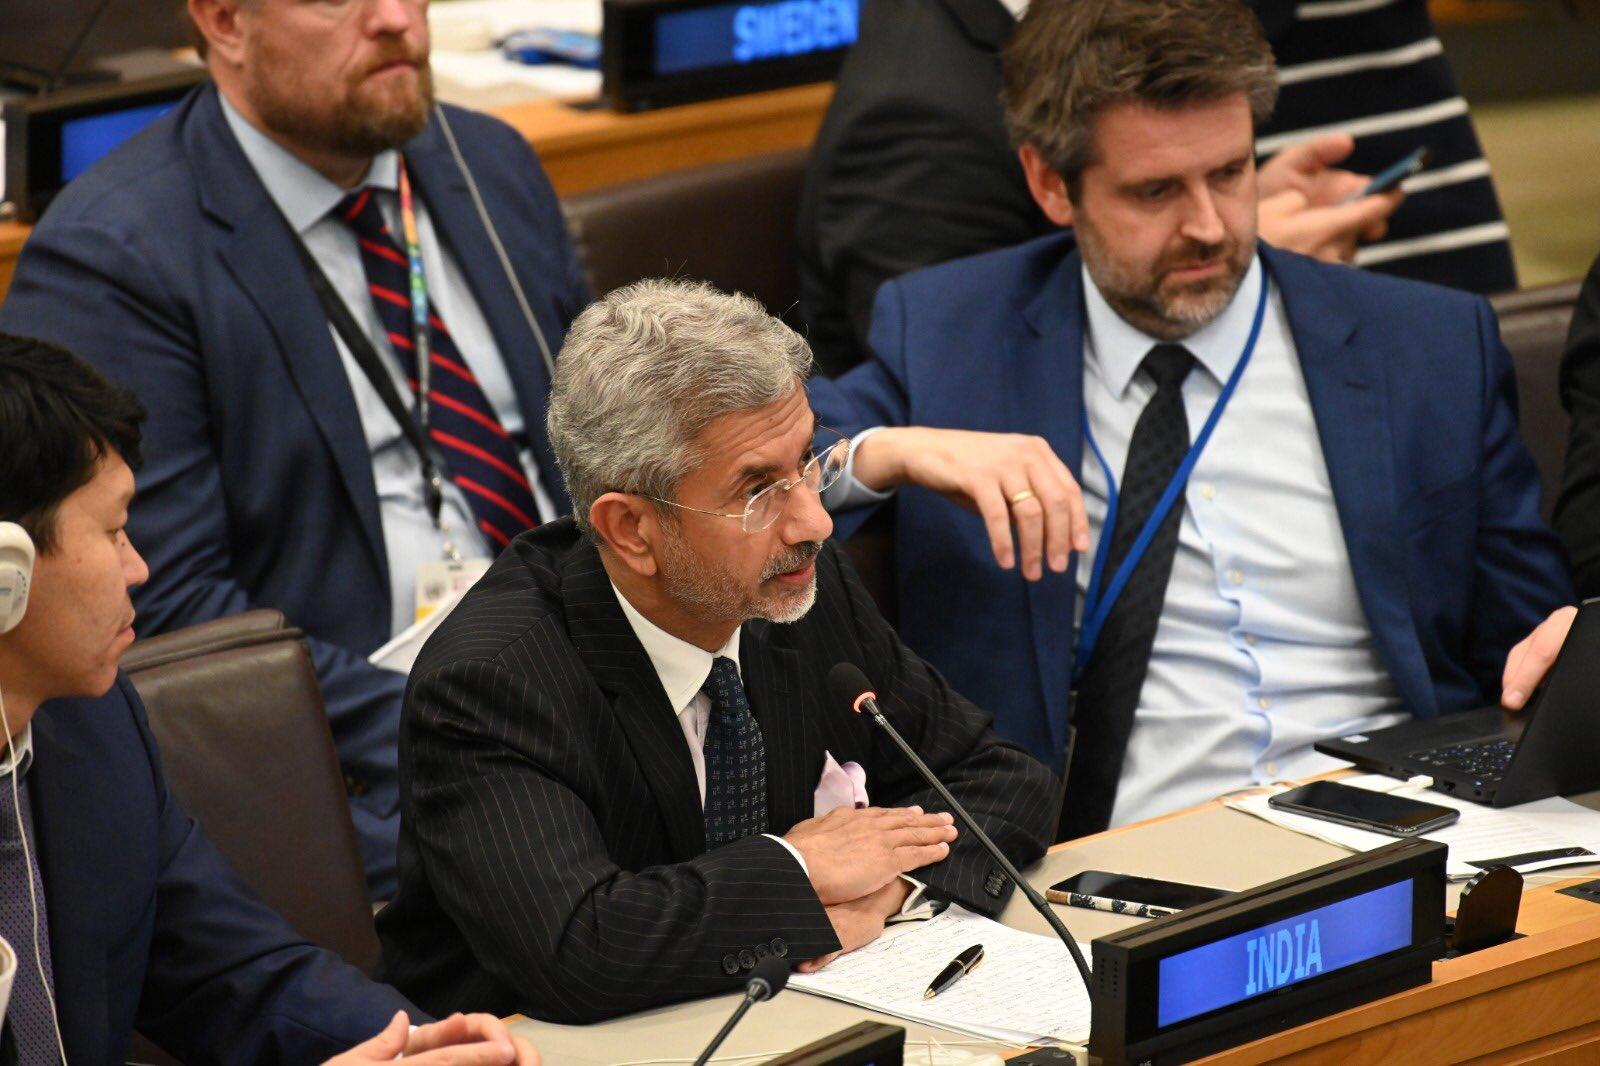 ब्रिक्स की बैठक में भारत ने आतंकवाद और आर्थिक अपराधियों का मुद्दा उठाया